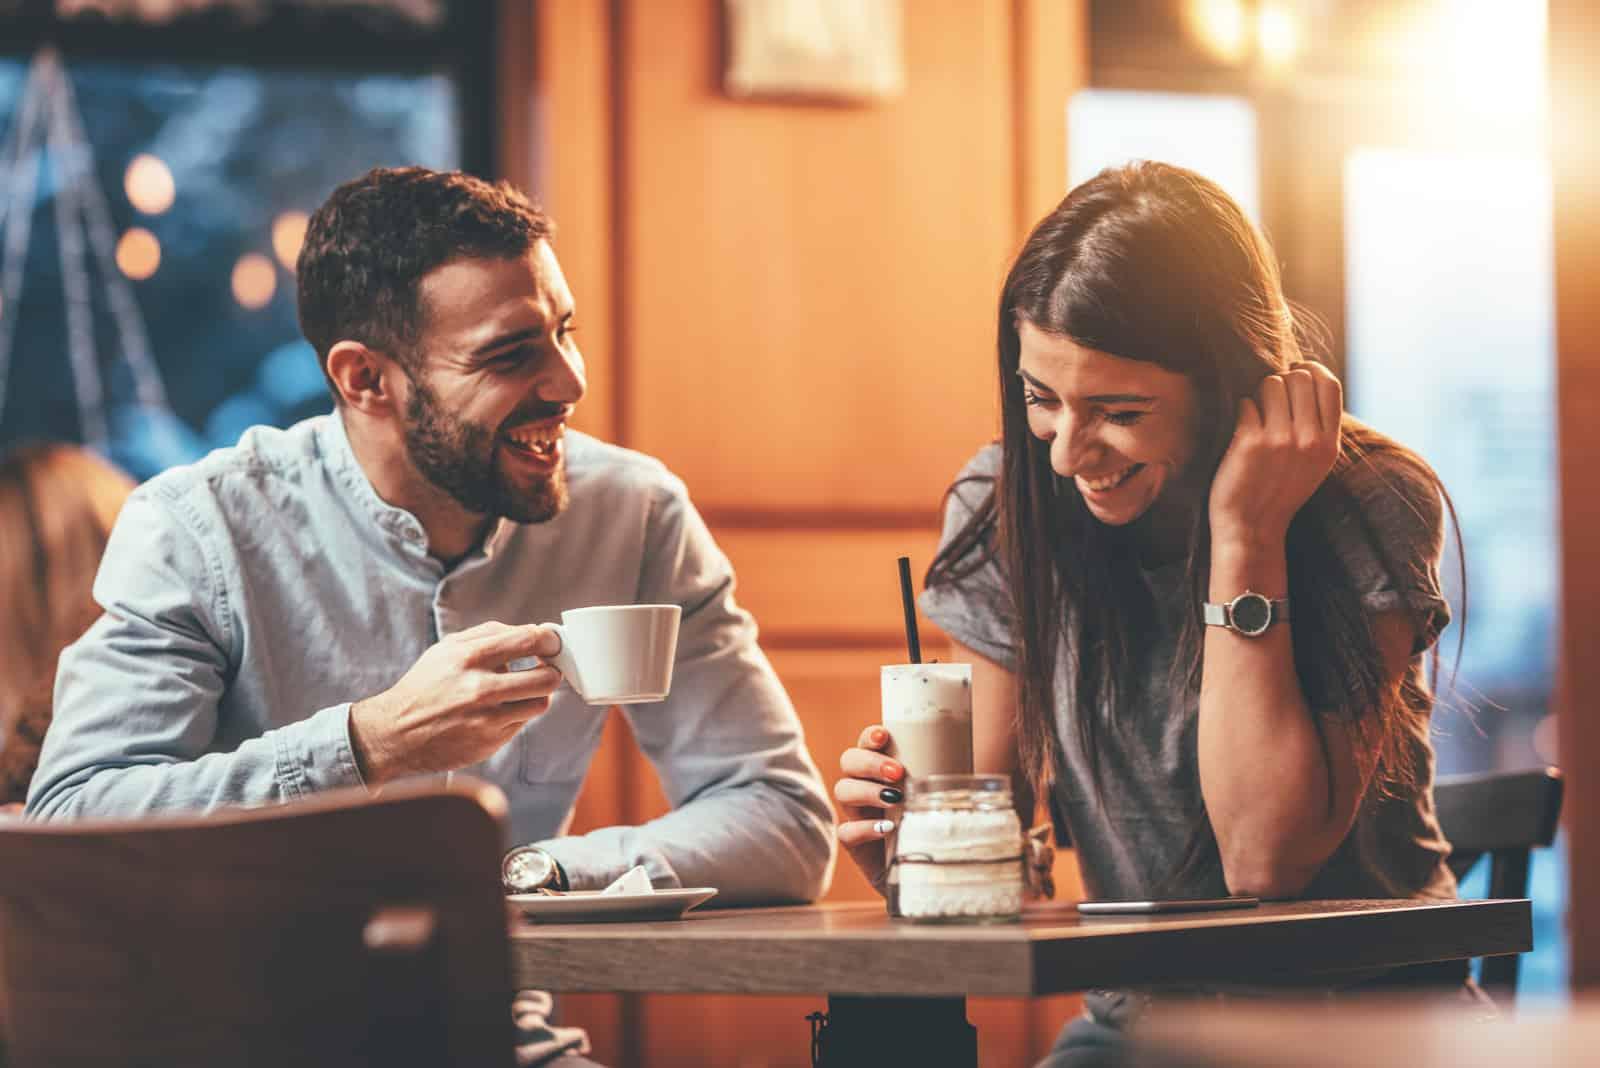 In einem Café trinkt ein lächelndes Paar Kaffee und redet